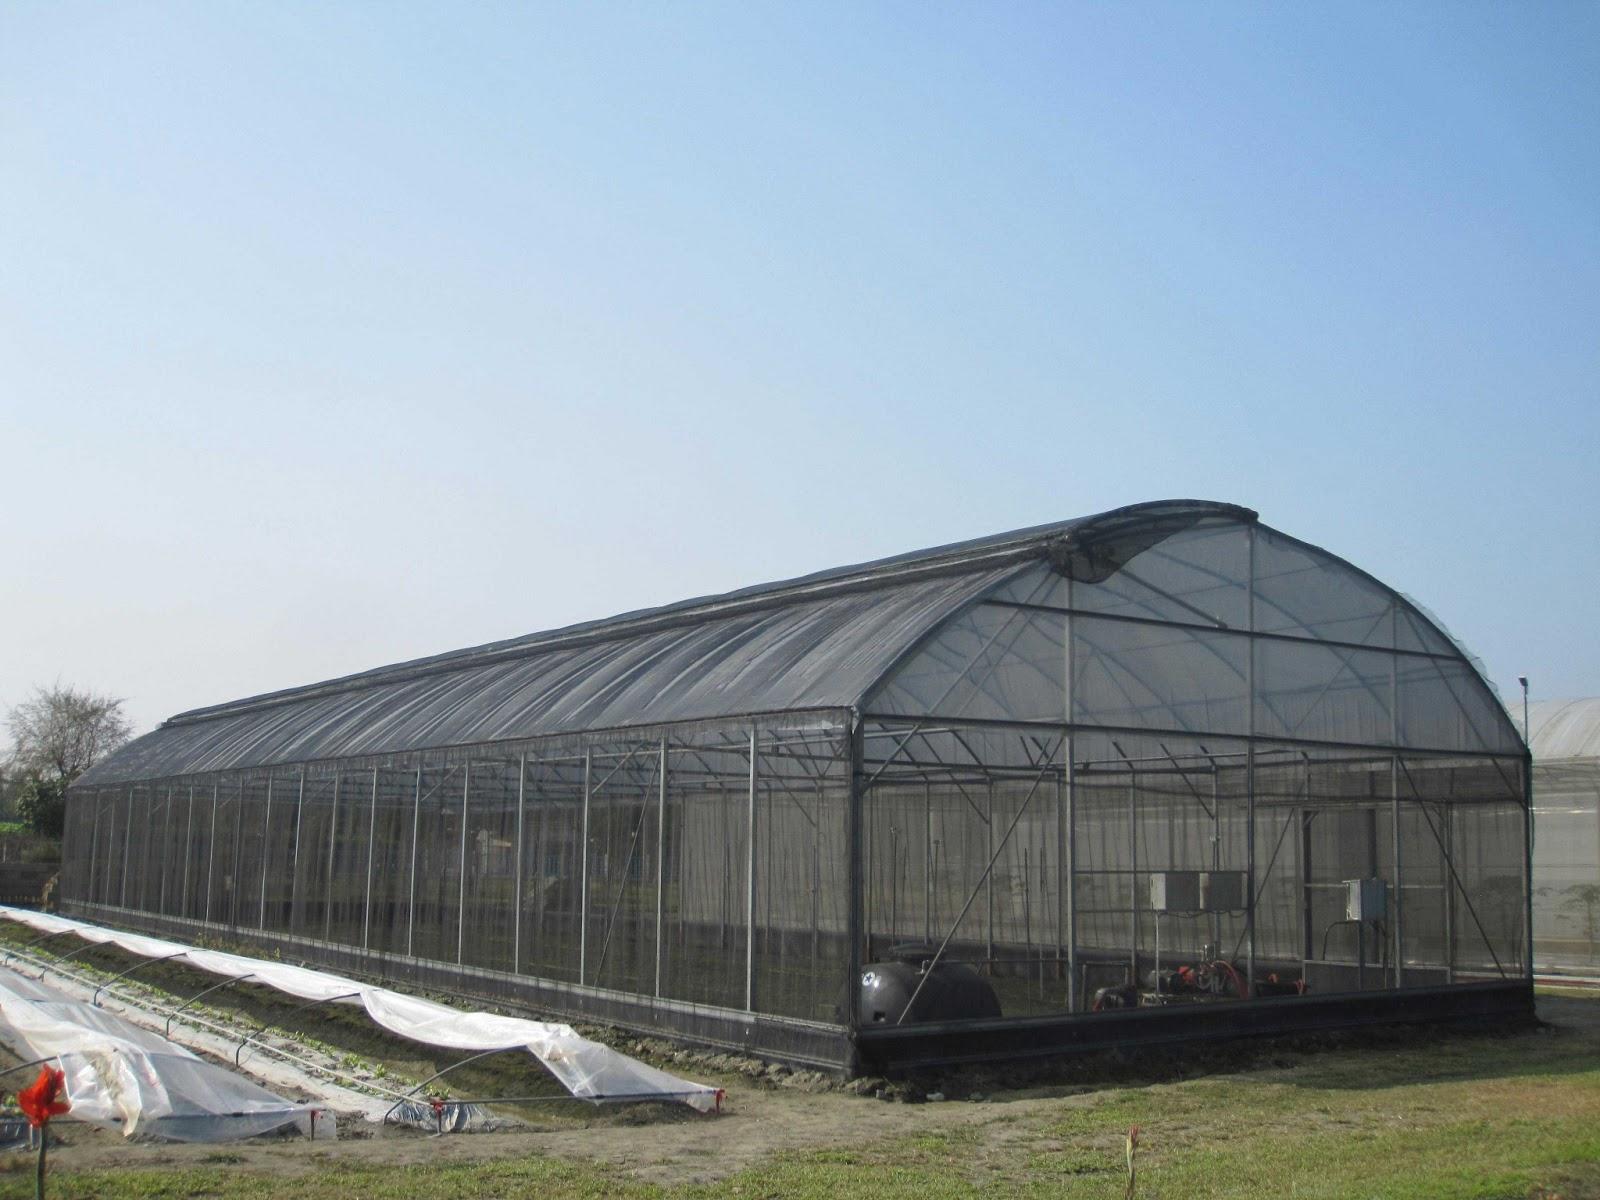 Estudiando agricultura en taiw n pensando en sombra y riego for Vivero estructura